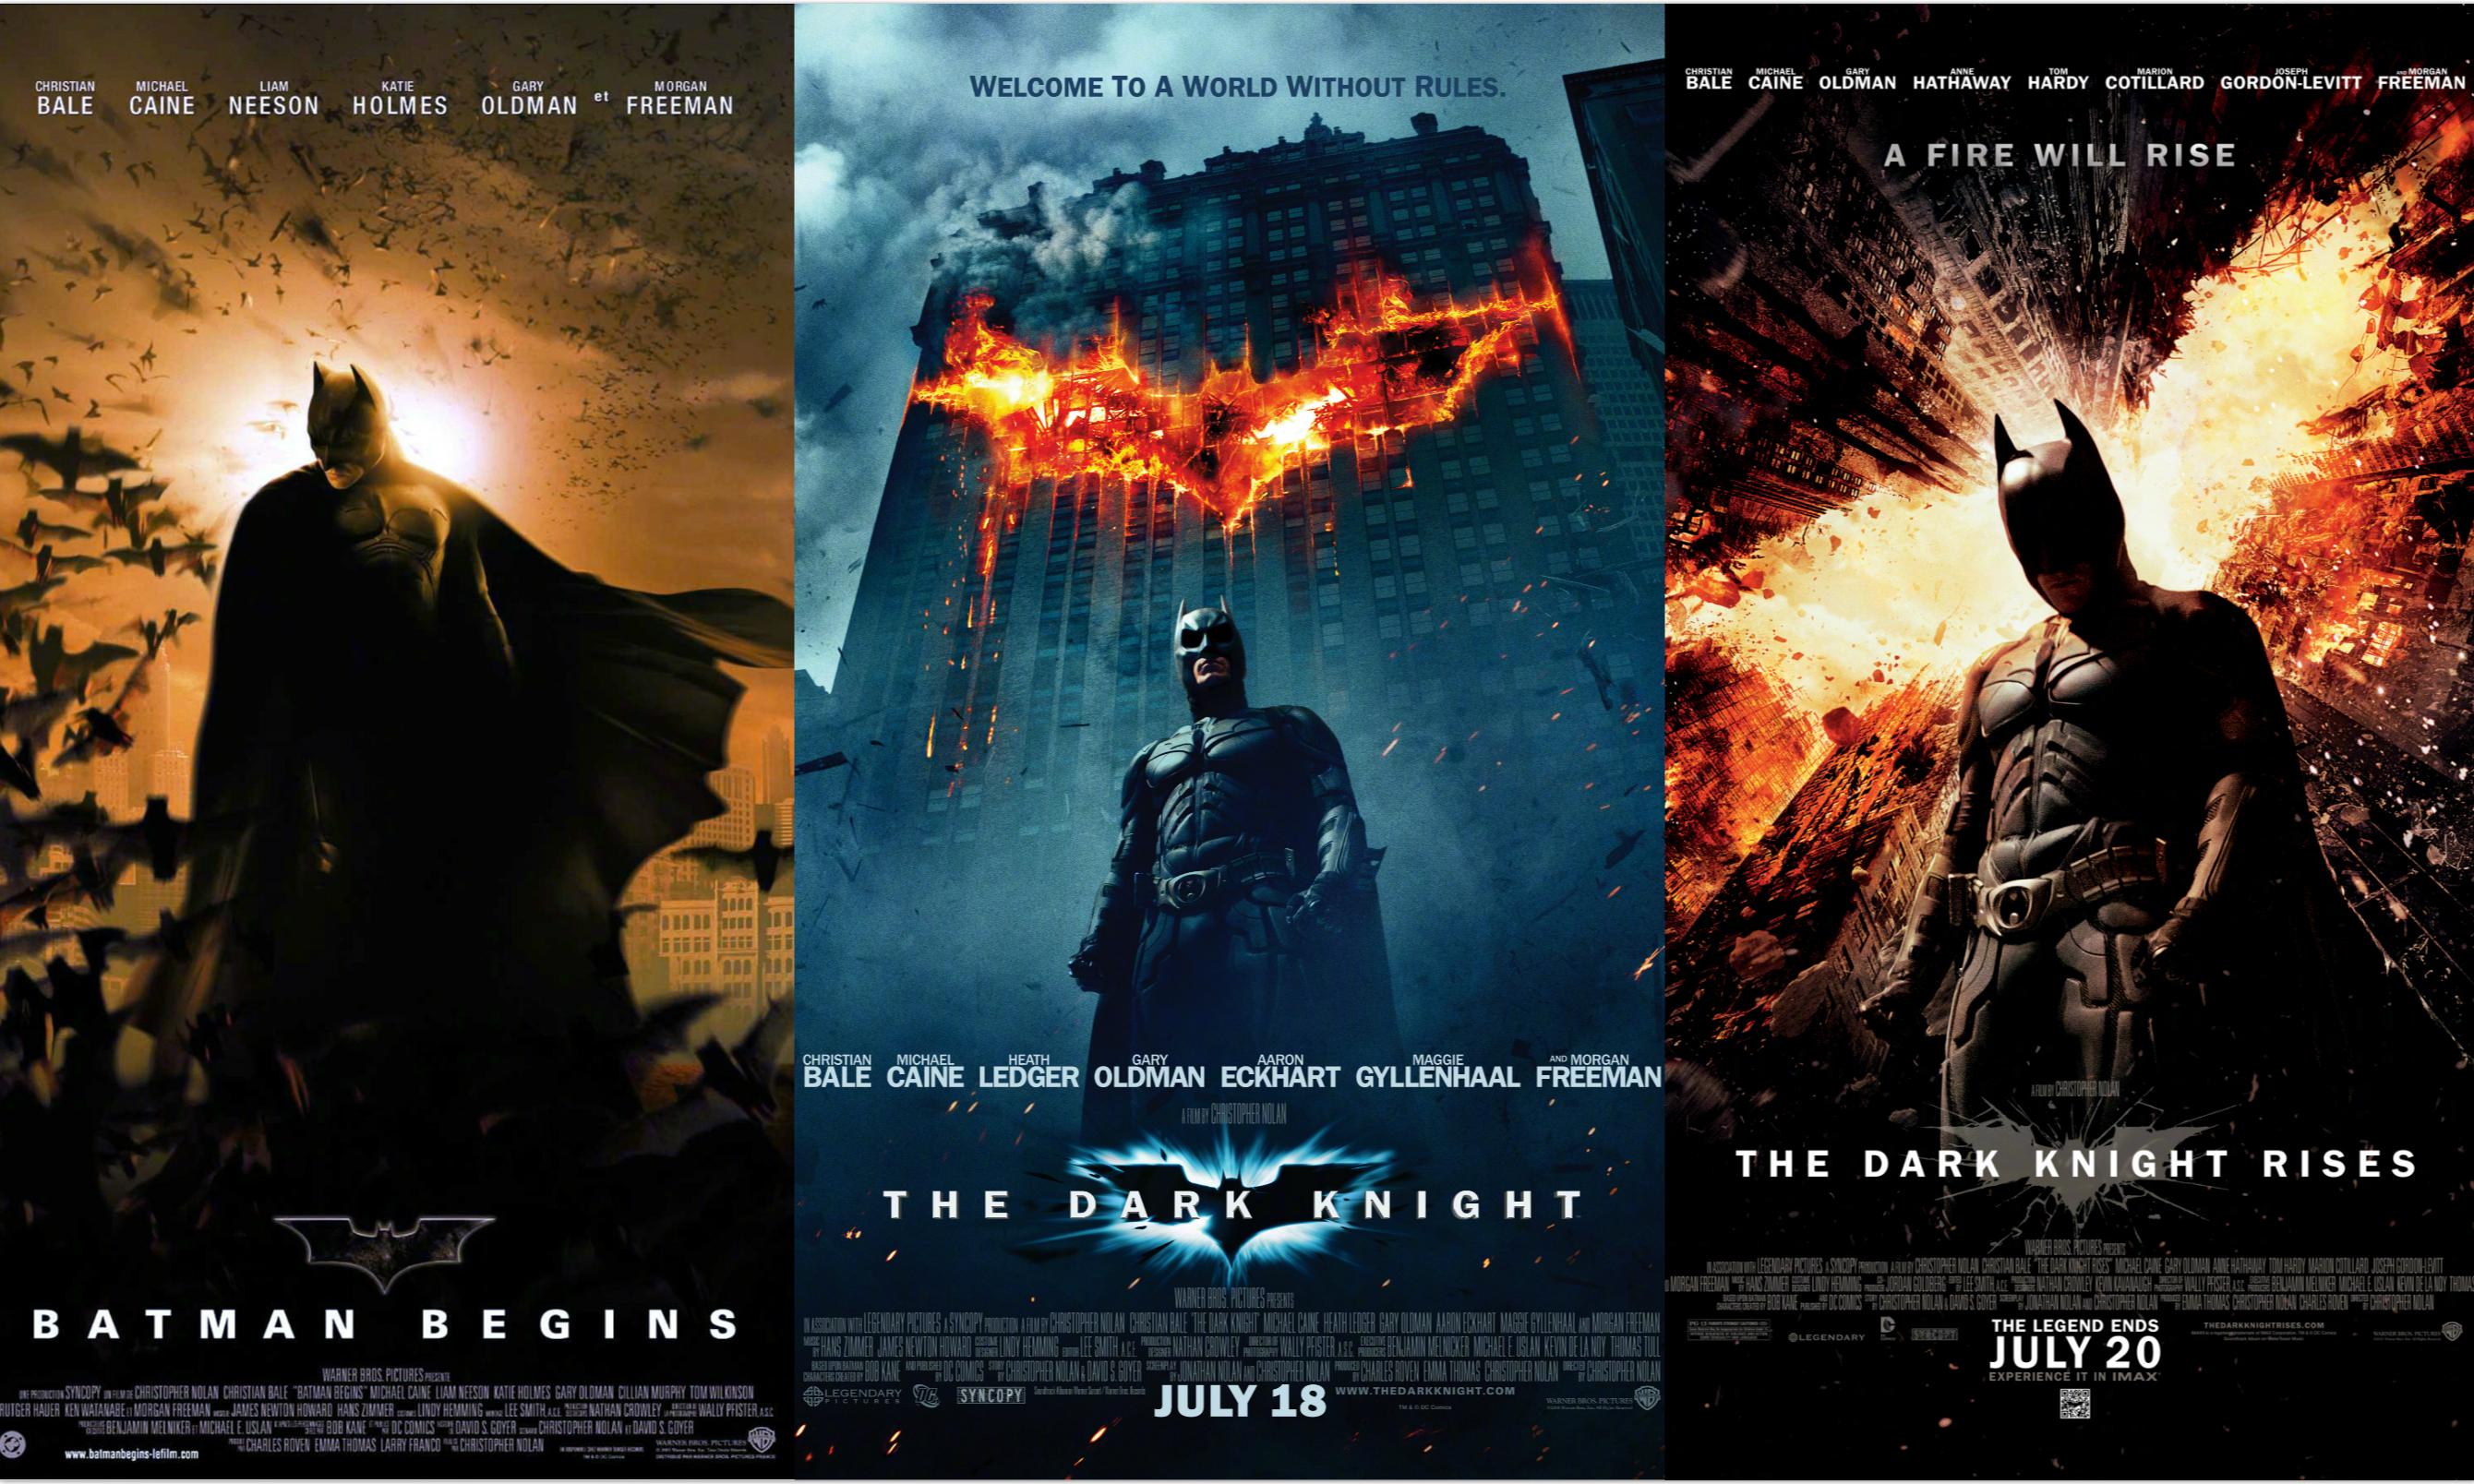 诺兰执导蝙蝠侠《黑暗骑士》三部曲将以 IMAX 70mm 胶片格式在北美重映